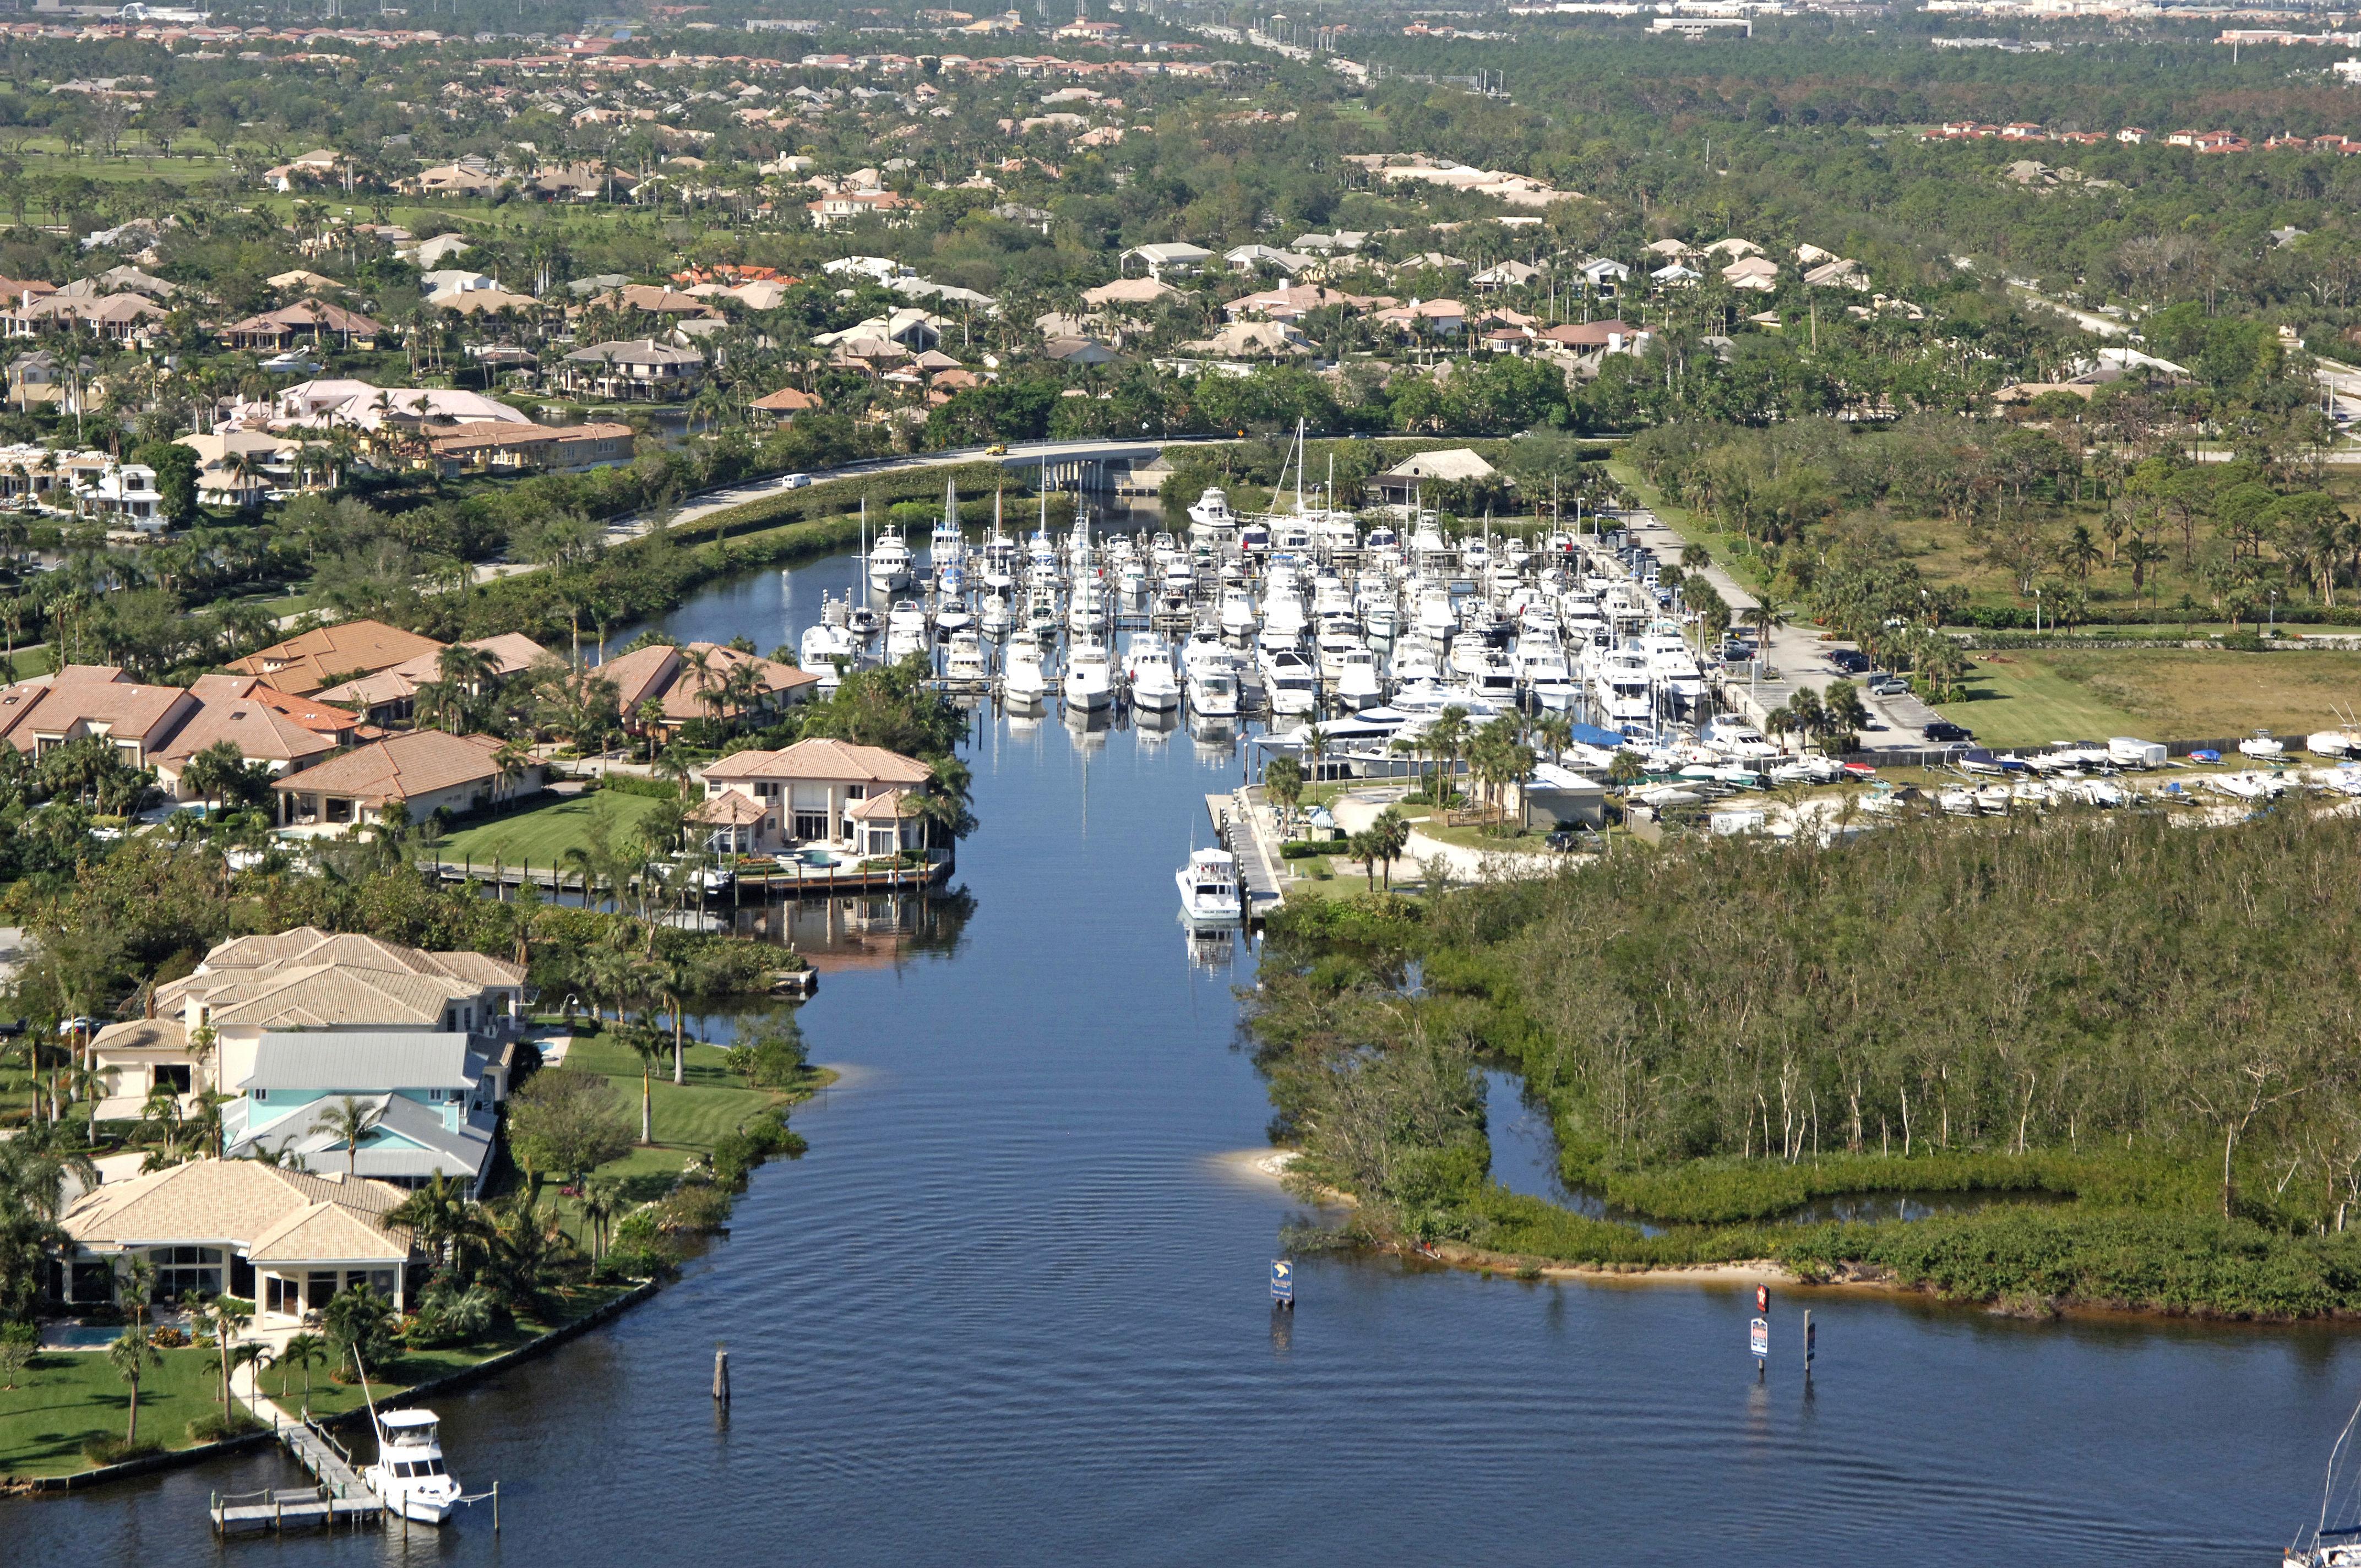 Loggerhead Club Marina Palm Beach Gardens In Palm Beach Gardens Fl United States Marina